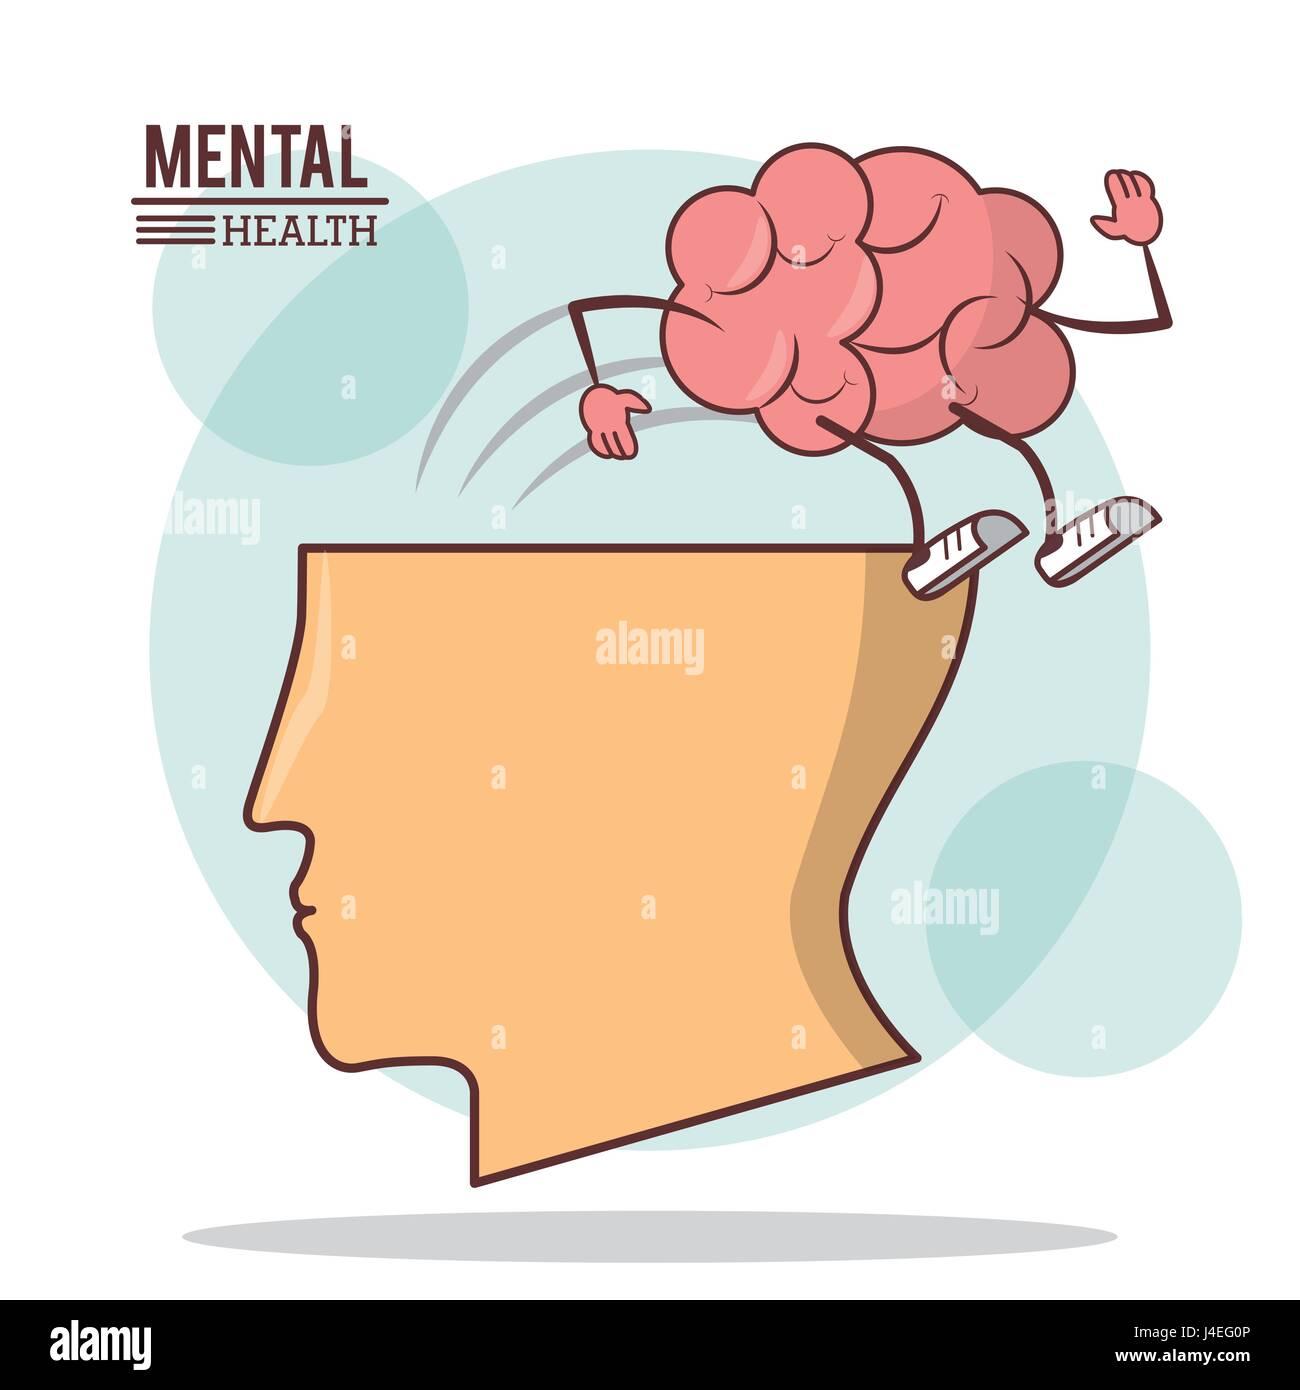 menschliche Kopf Gehirn, psychische Gesundheit mit Gehirn-Aktivität-Pflege Stockbild